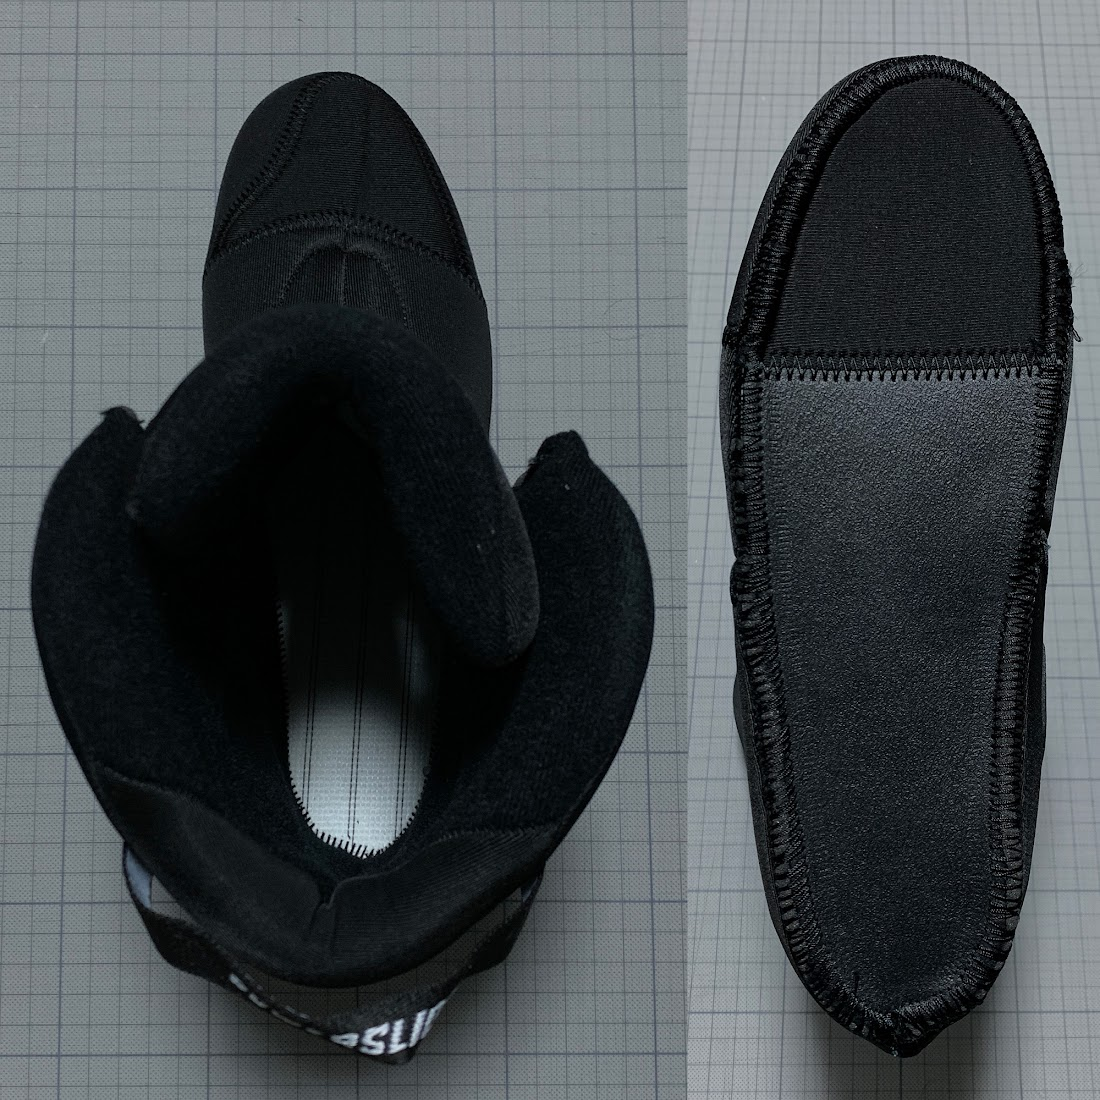 写真8 左:インナーブーツを上から 右:インナーブーツを底から